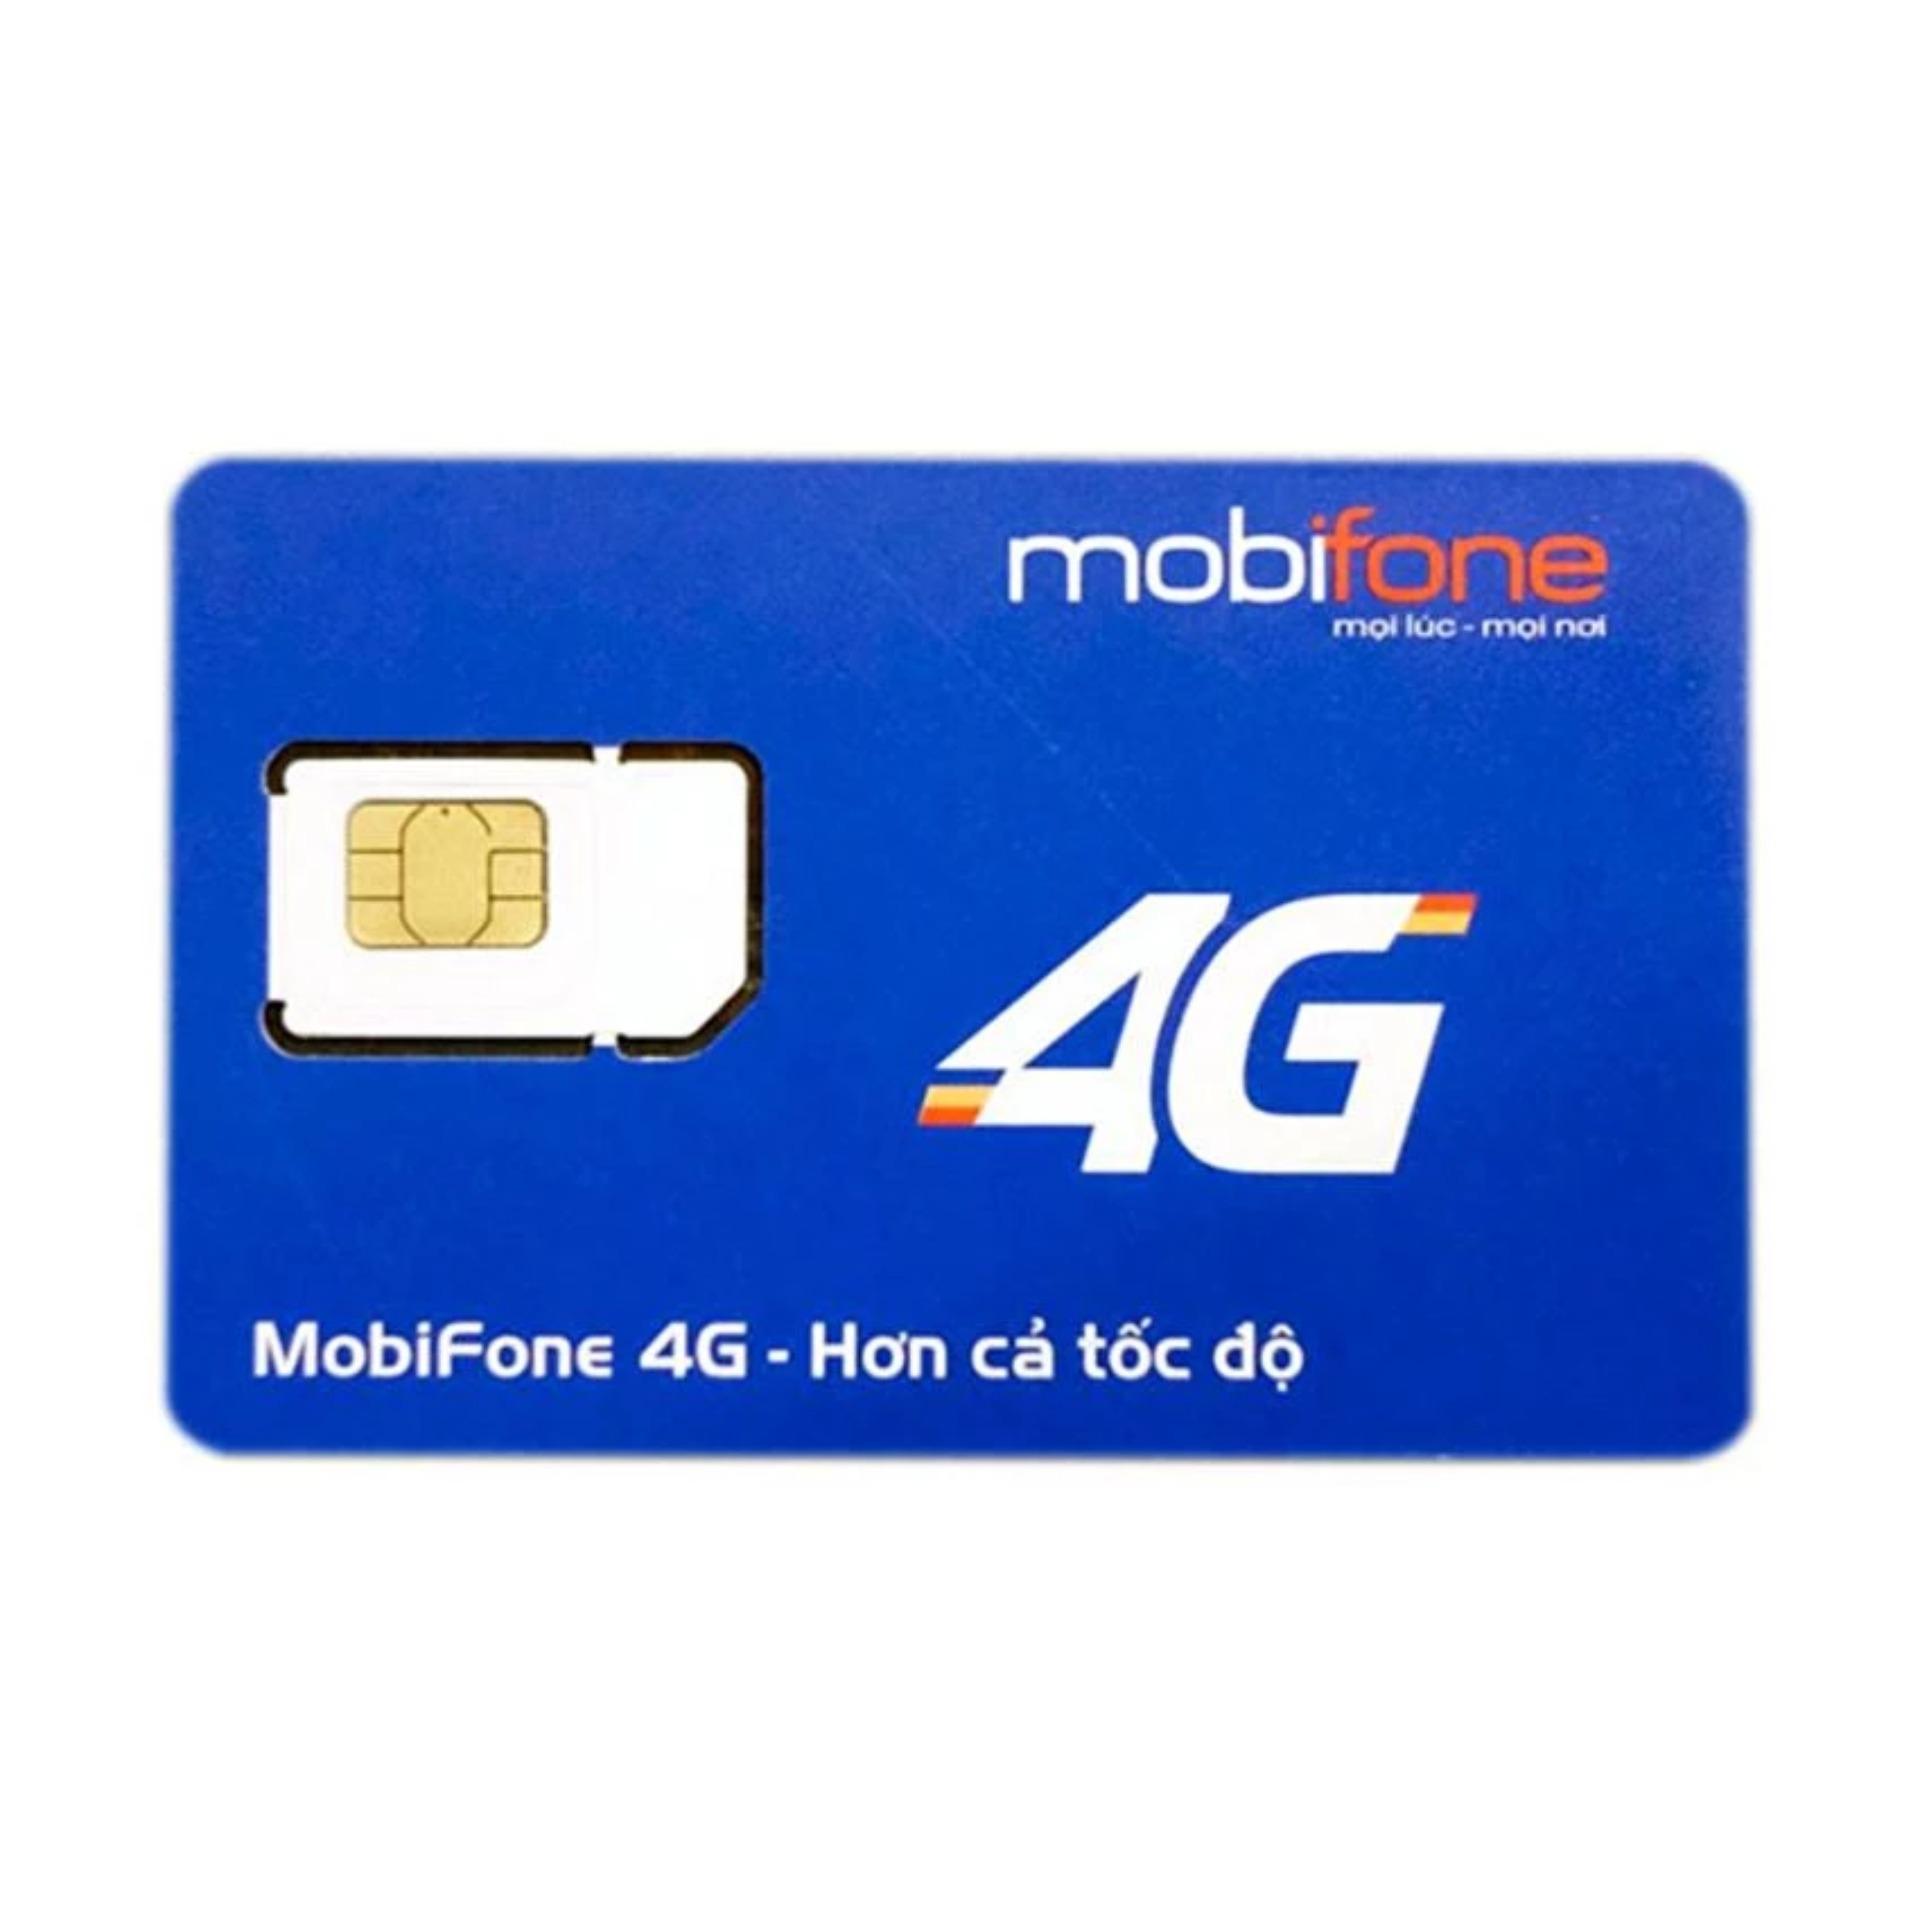 SIM 4G Mobifone miễn phí 12 tháng 4GB/tháng